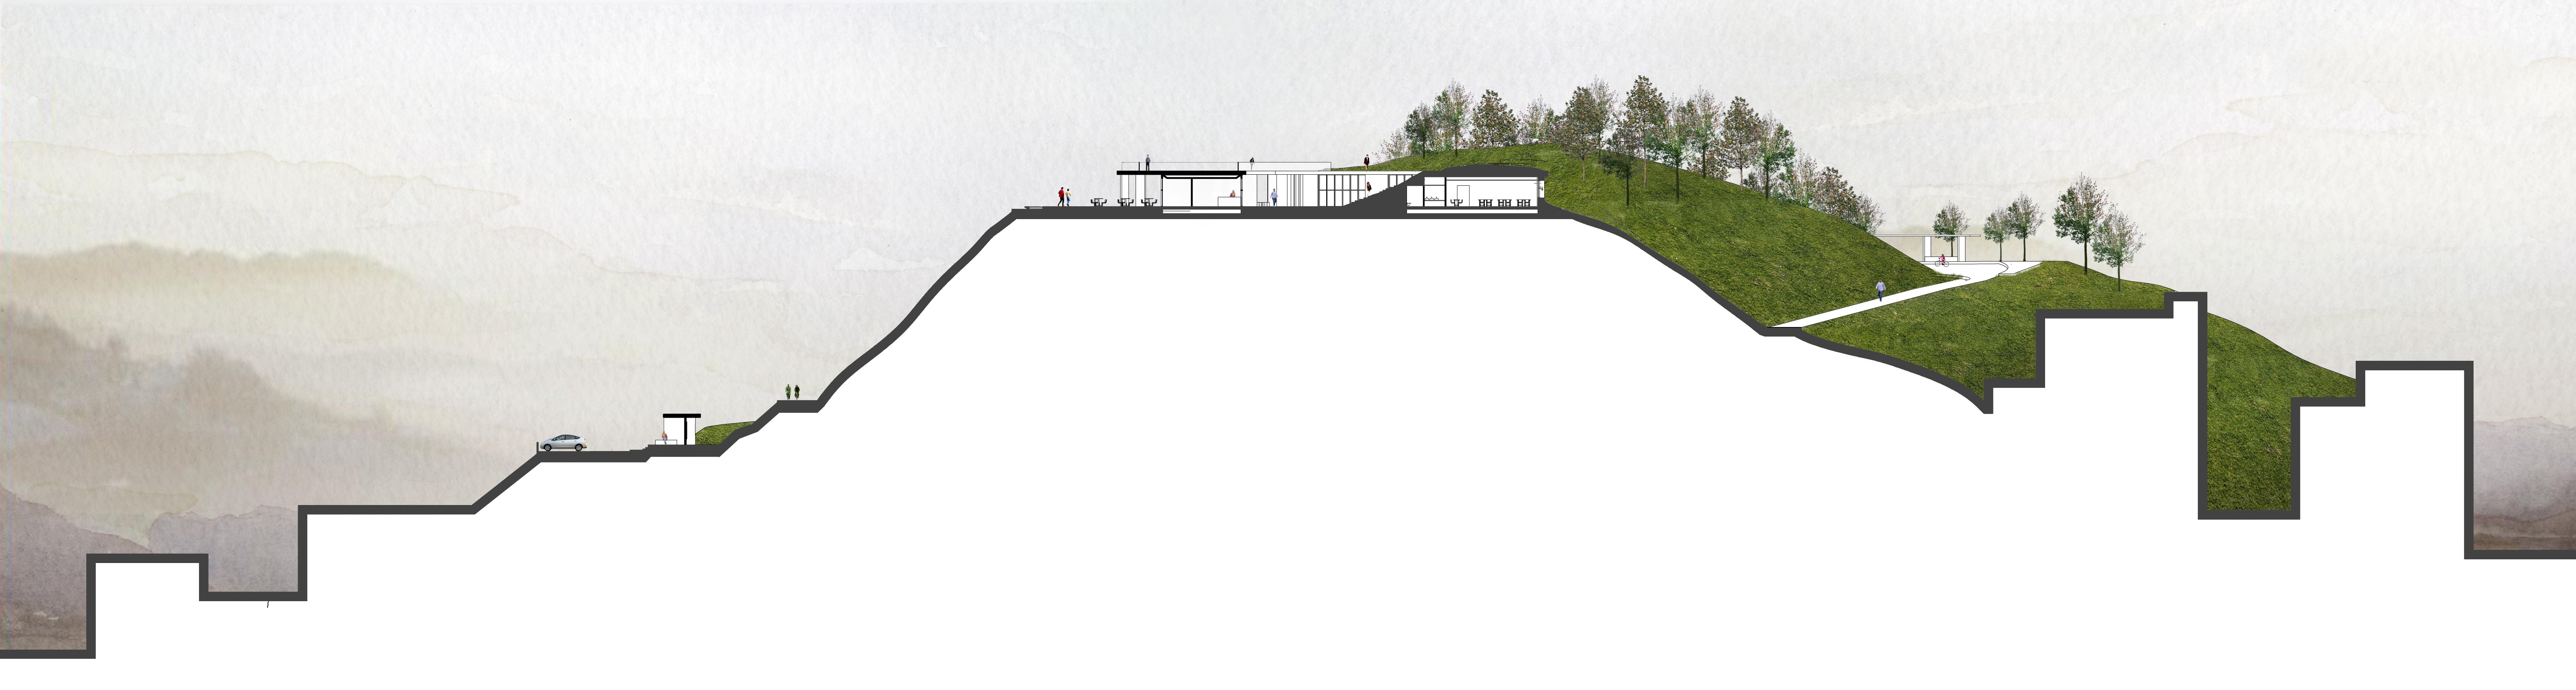 Anamur Cultural Center Section